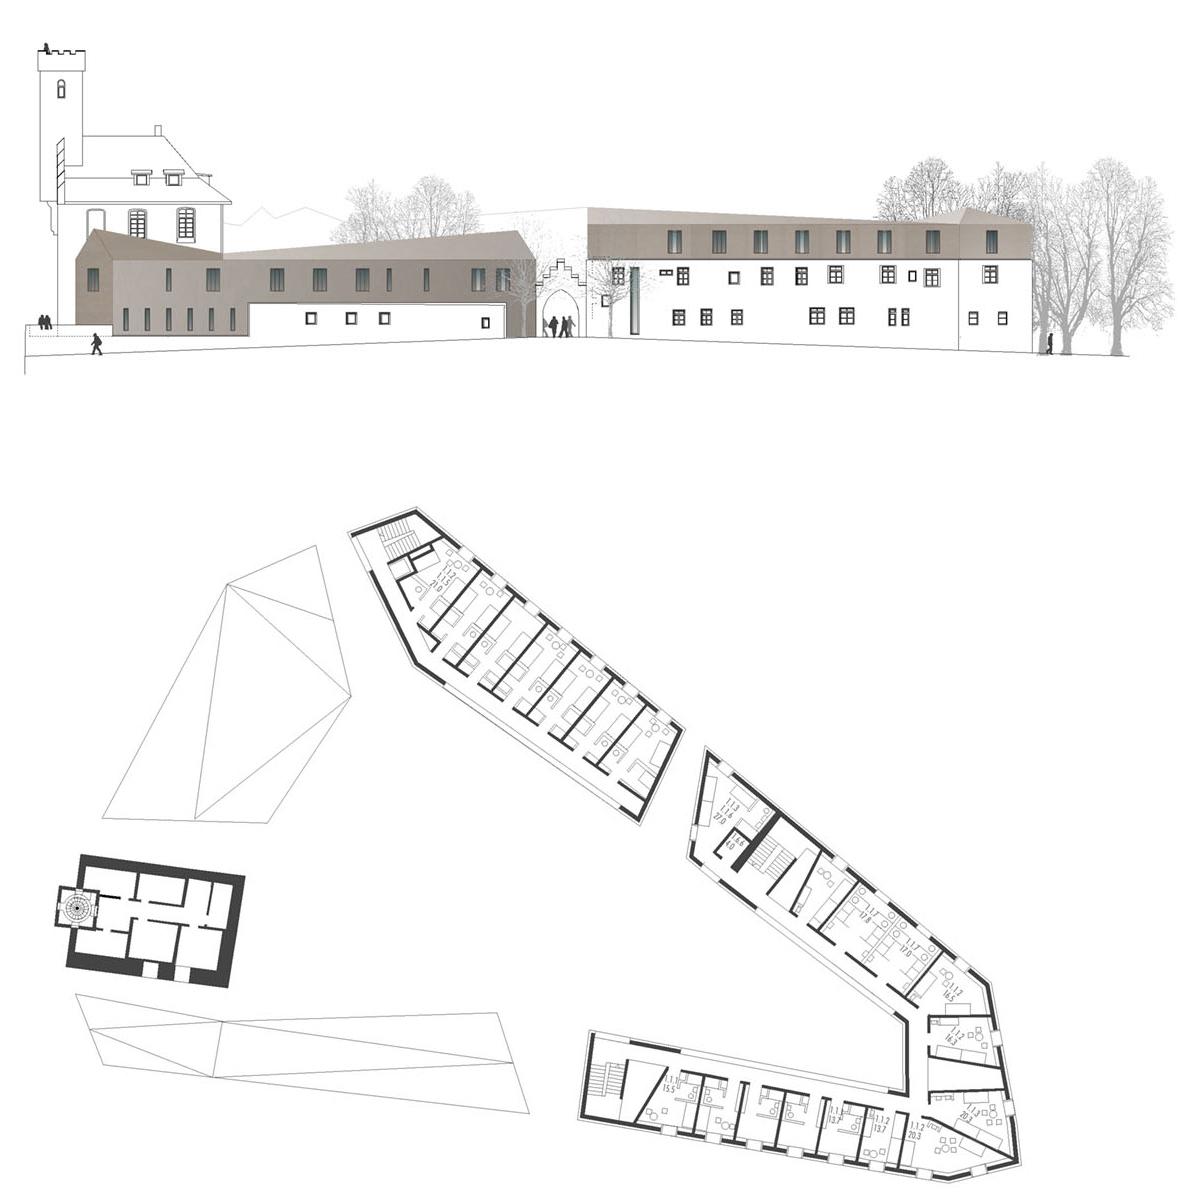 YouthHostel_Veitsburg-Ravensburg_Grundriss_Friedrich-Poerschke-Zwink-Architekten-Muenchen